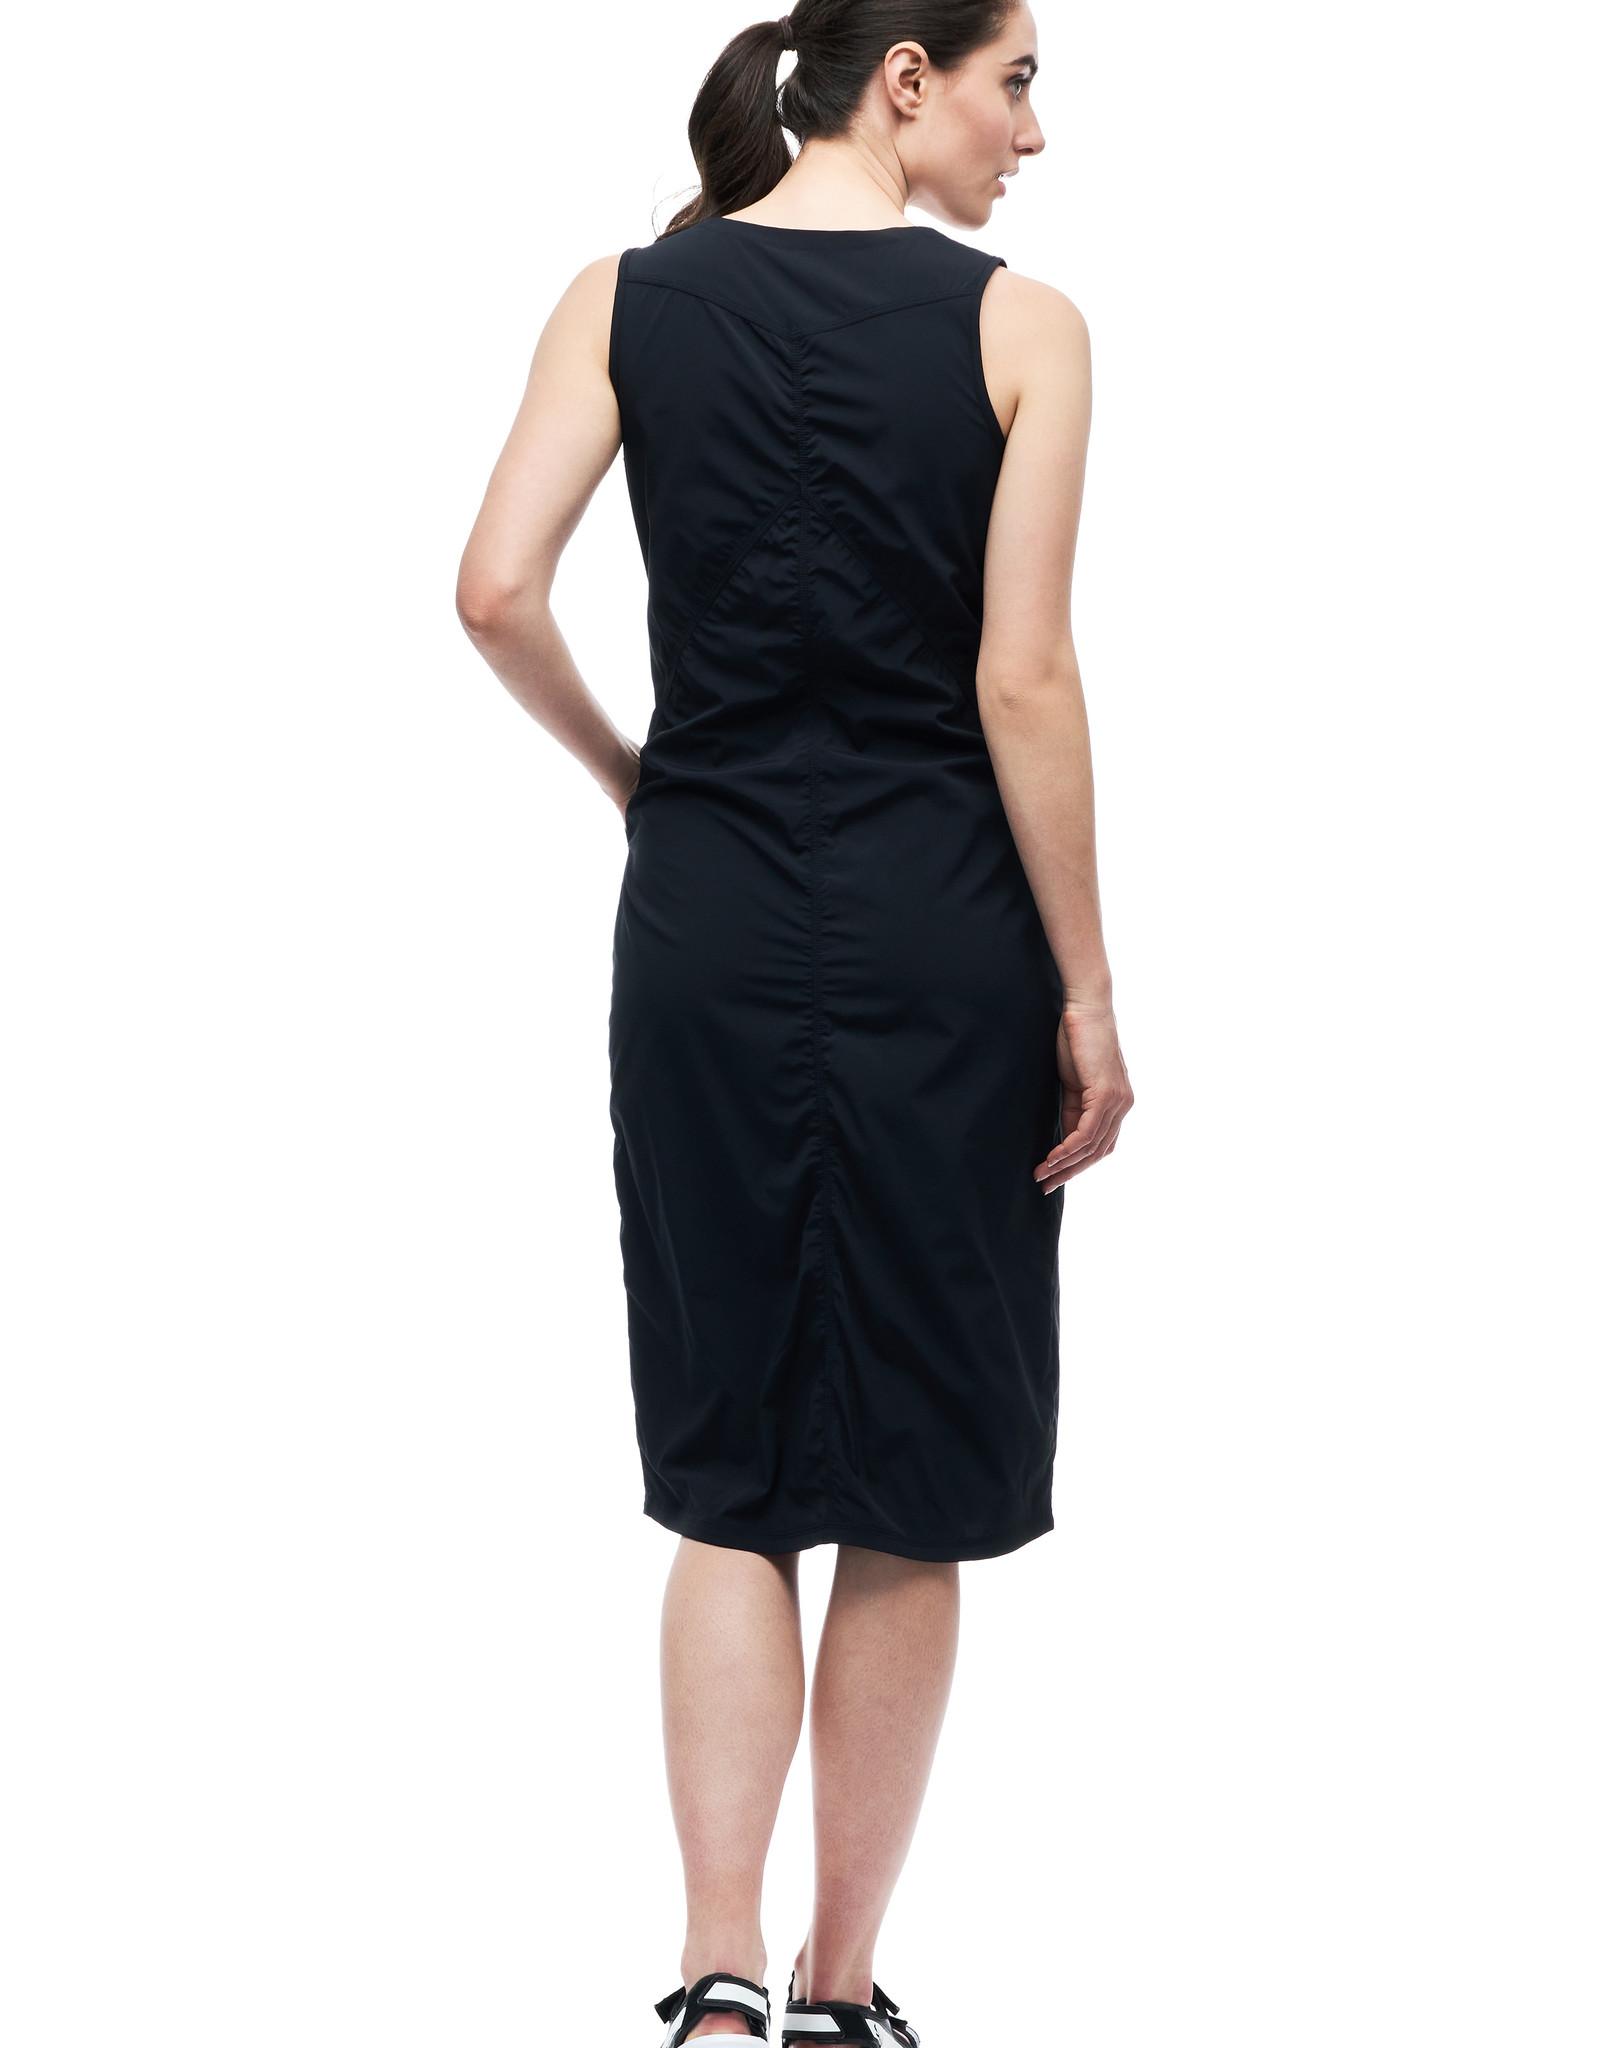 Indygena is now Indyeva Liike III Dress Long